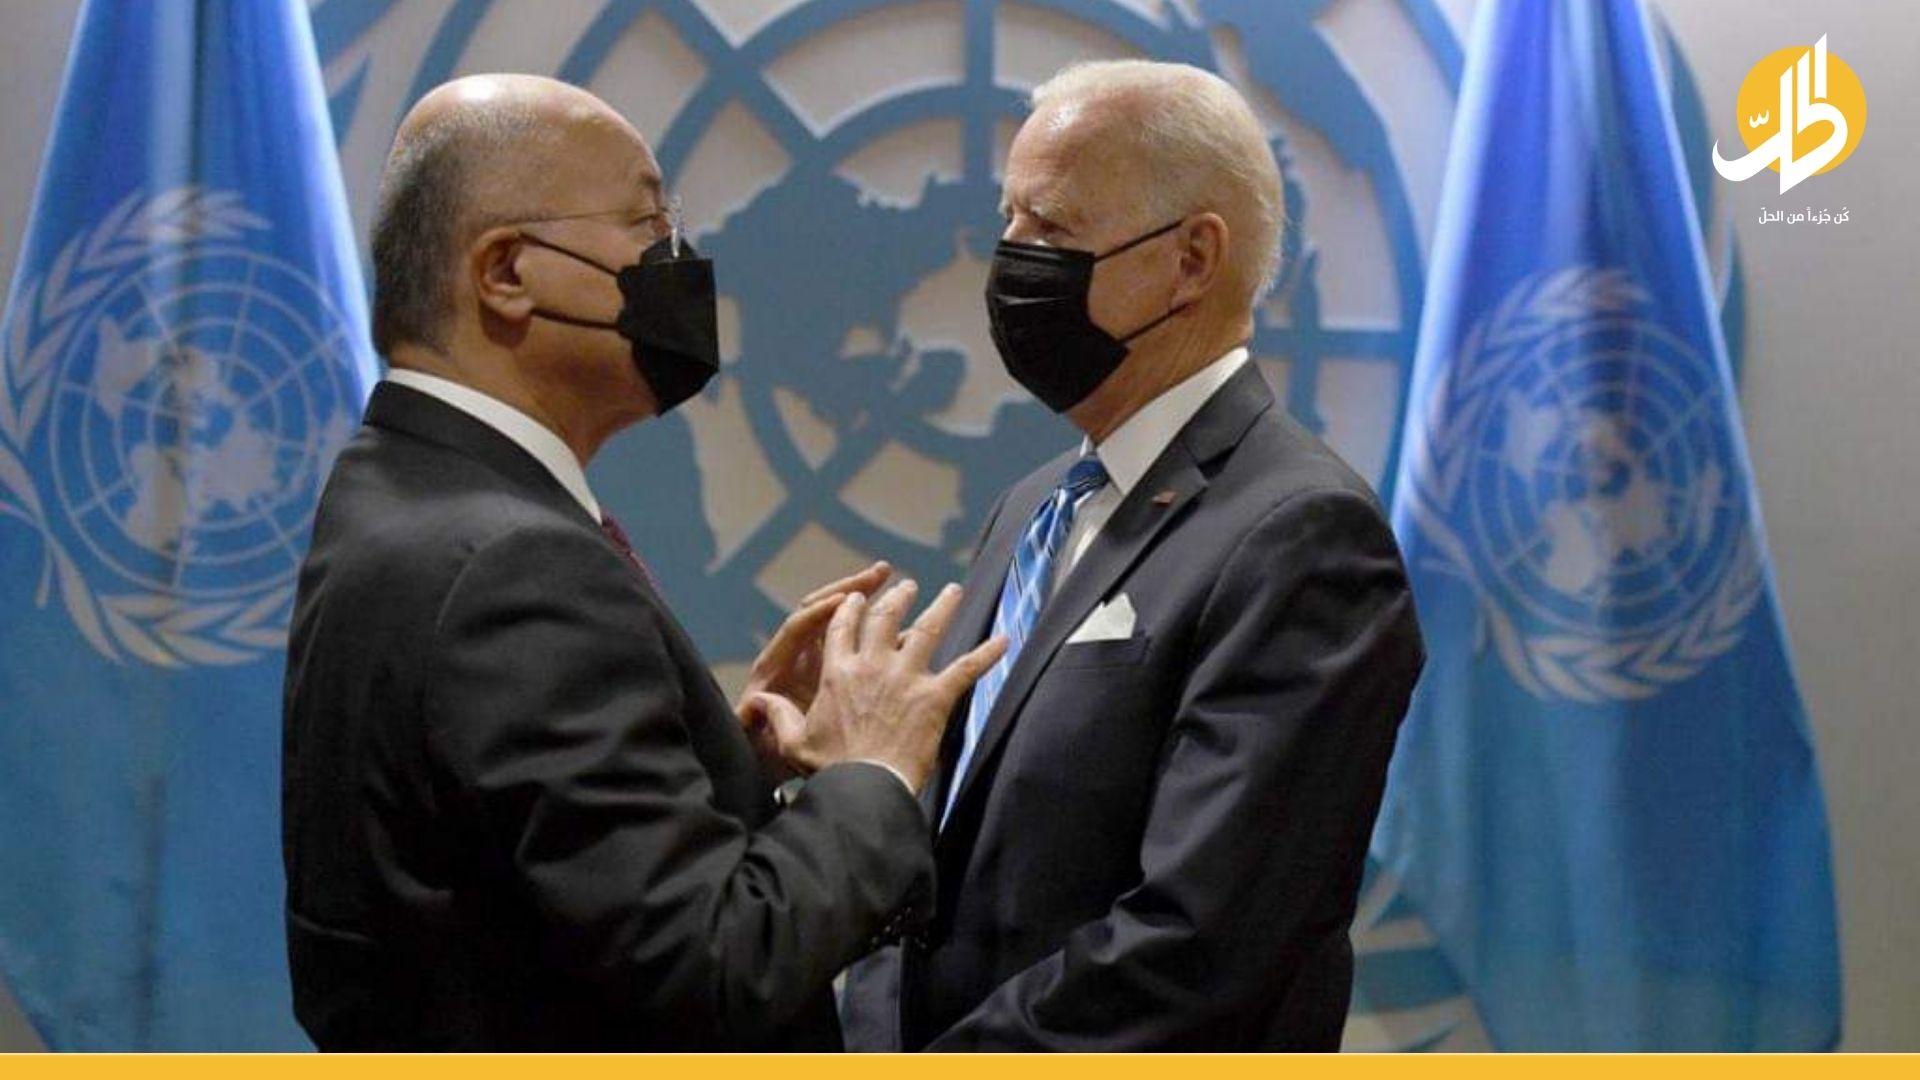 """السفارة الأميركية في بغداد تكشف أهم مباحثات لقاء """"بايدن"""" و""""صالح"""" بنيويورك"""